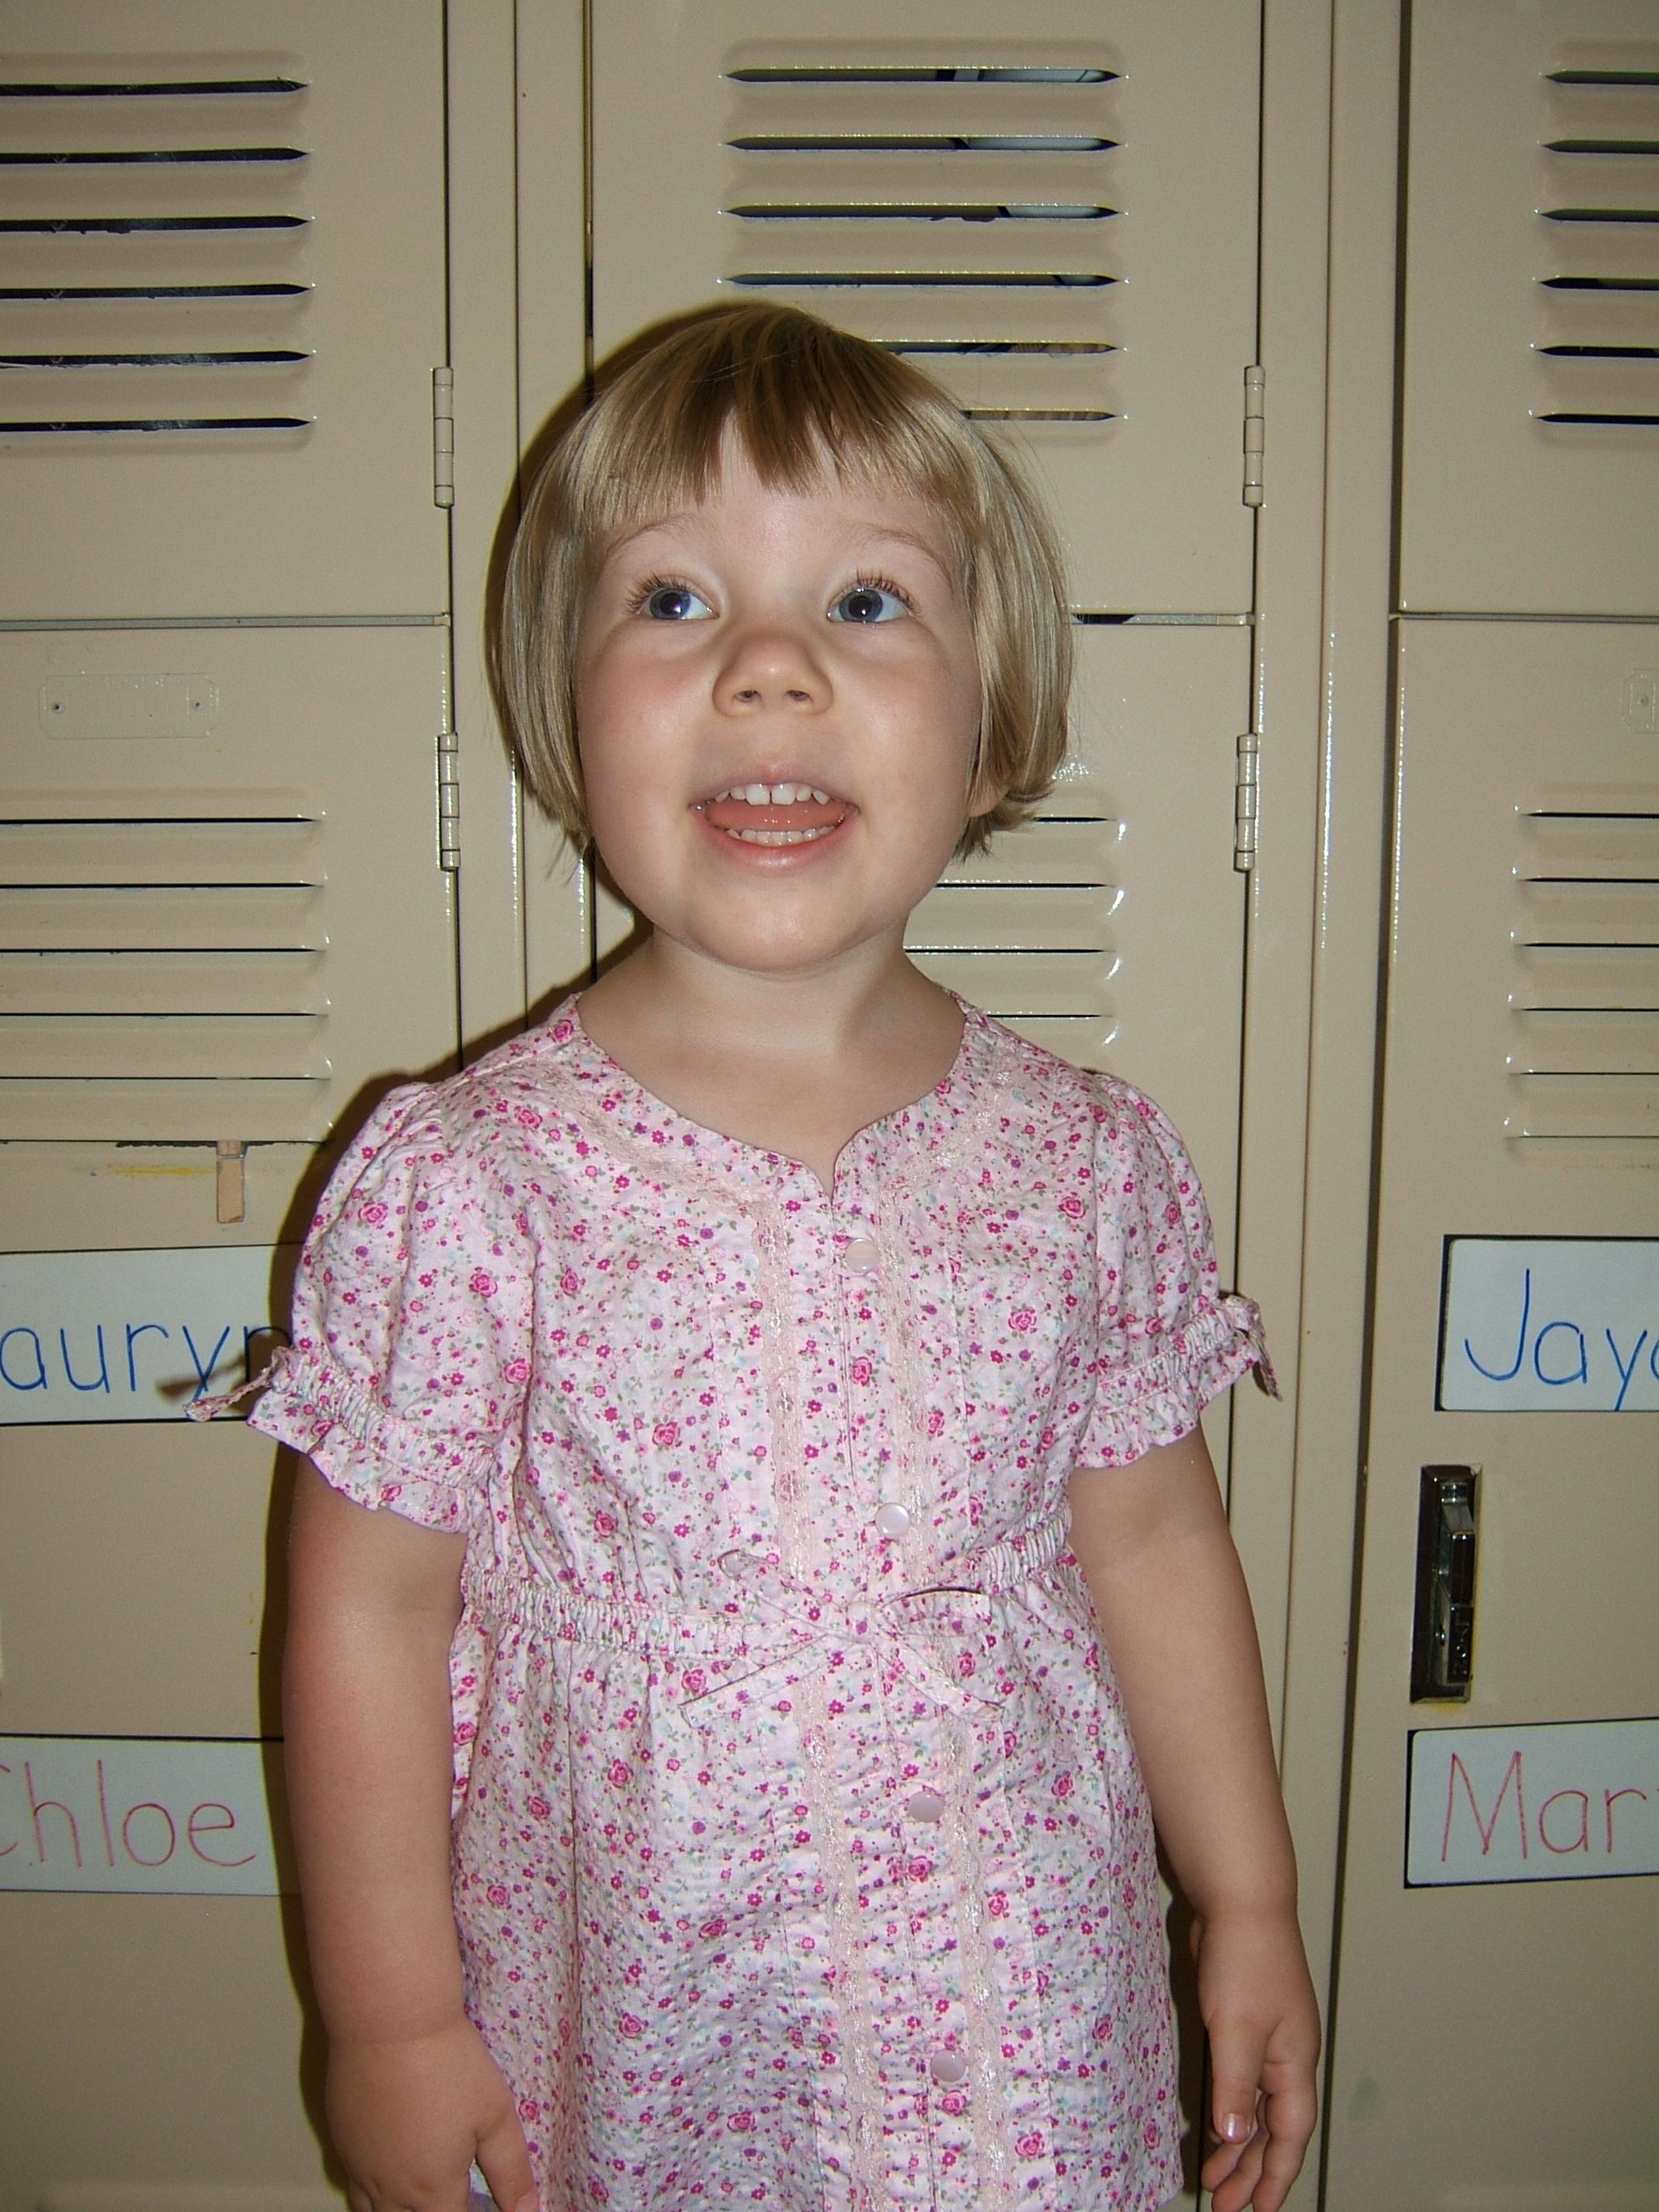 Julia at Preschool (September 2007)